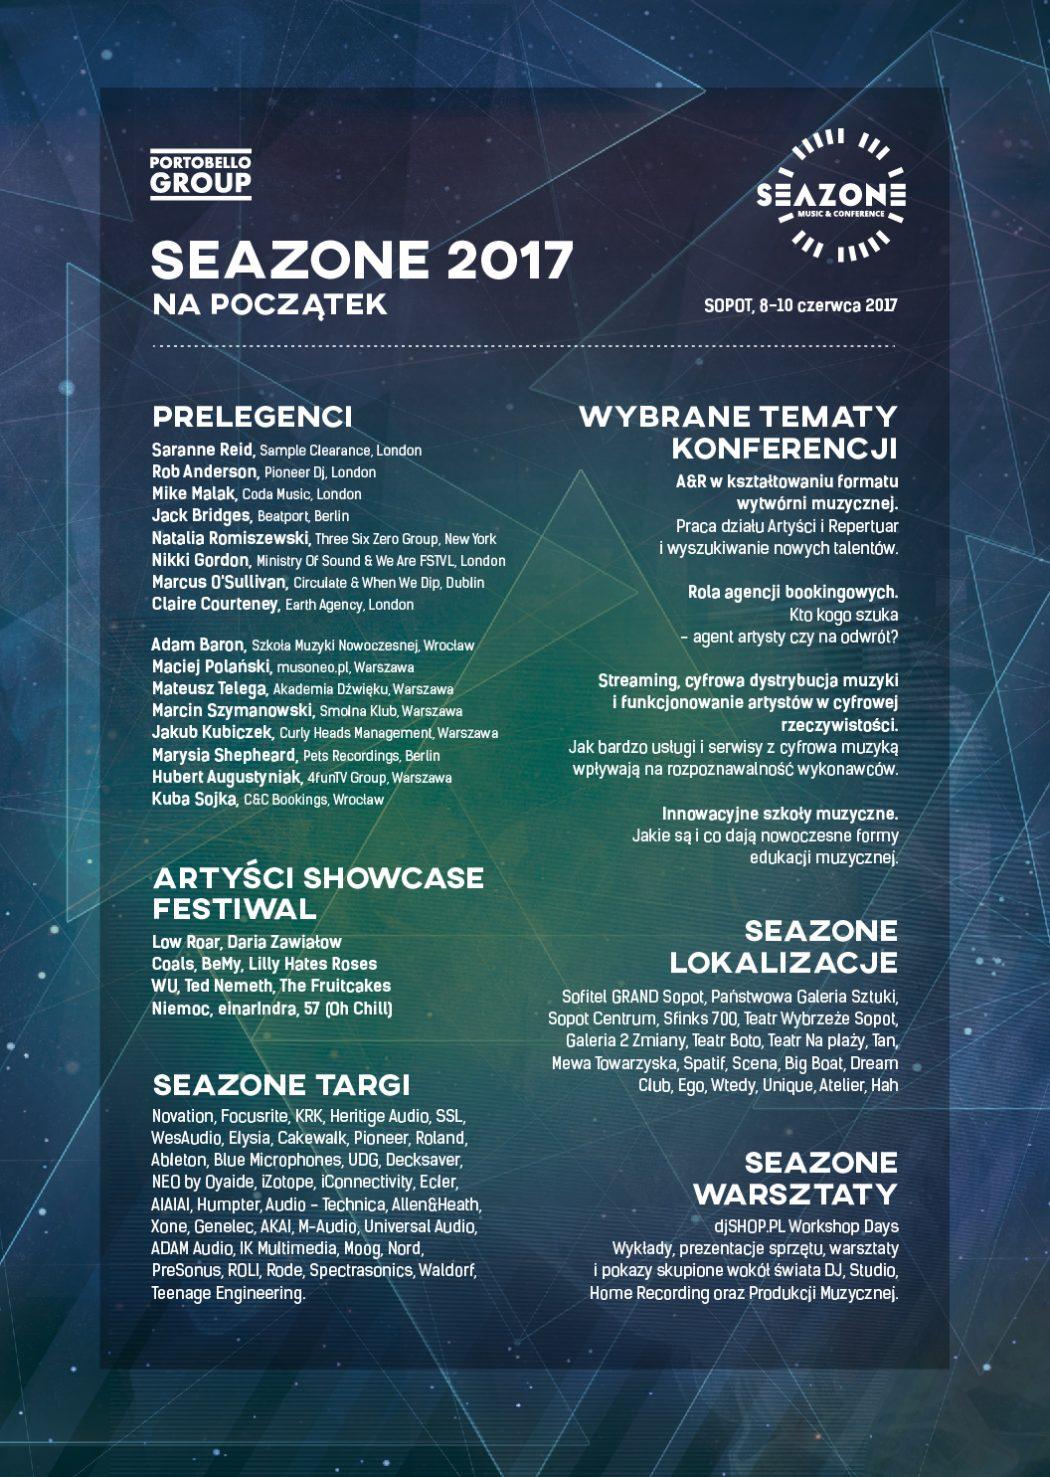 magazynkobiet.pl - smc ogłoszenie 01 1050x1477 - SeaZone Music & Conference, Sopot 8-10 czerwca 2017